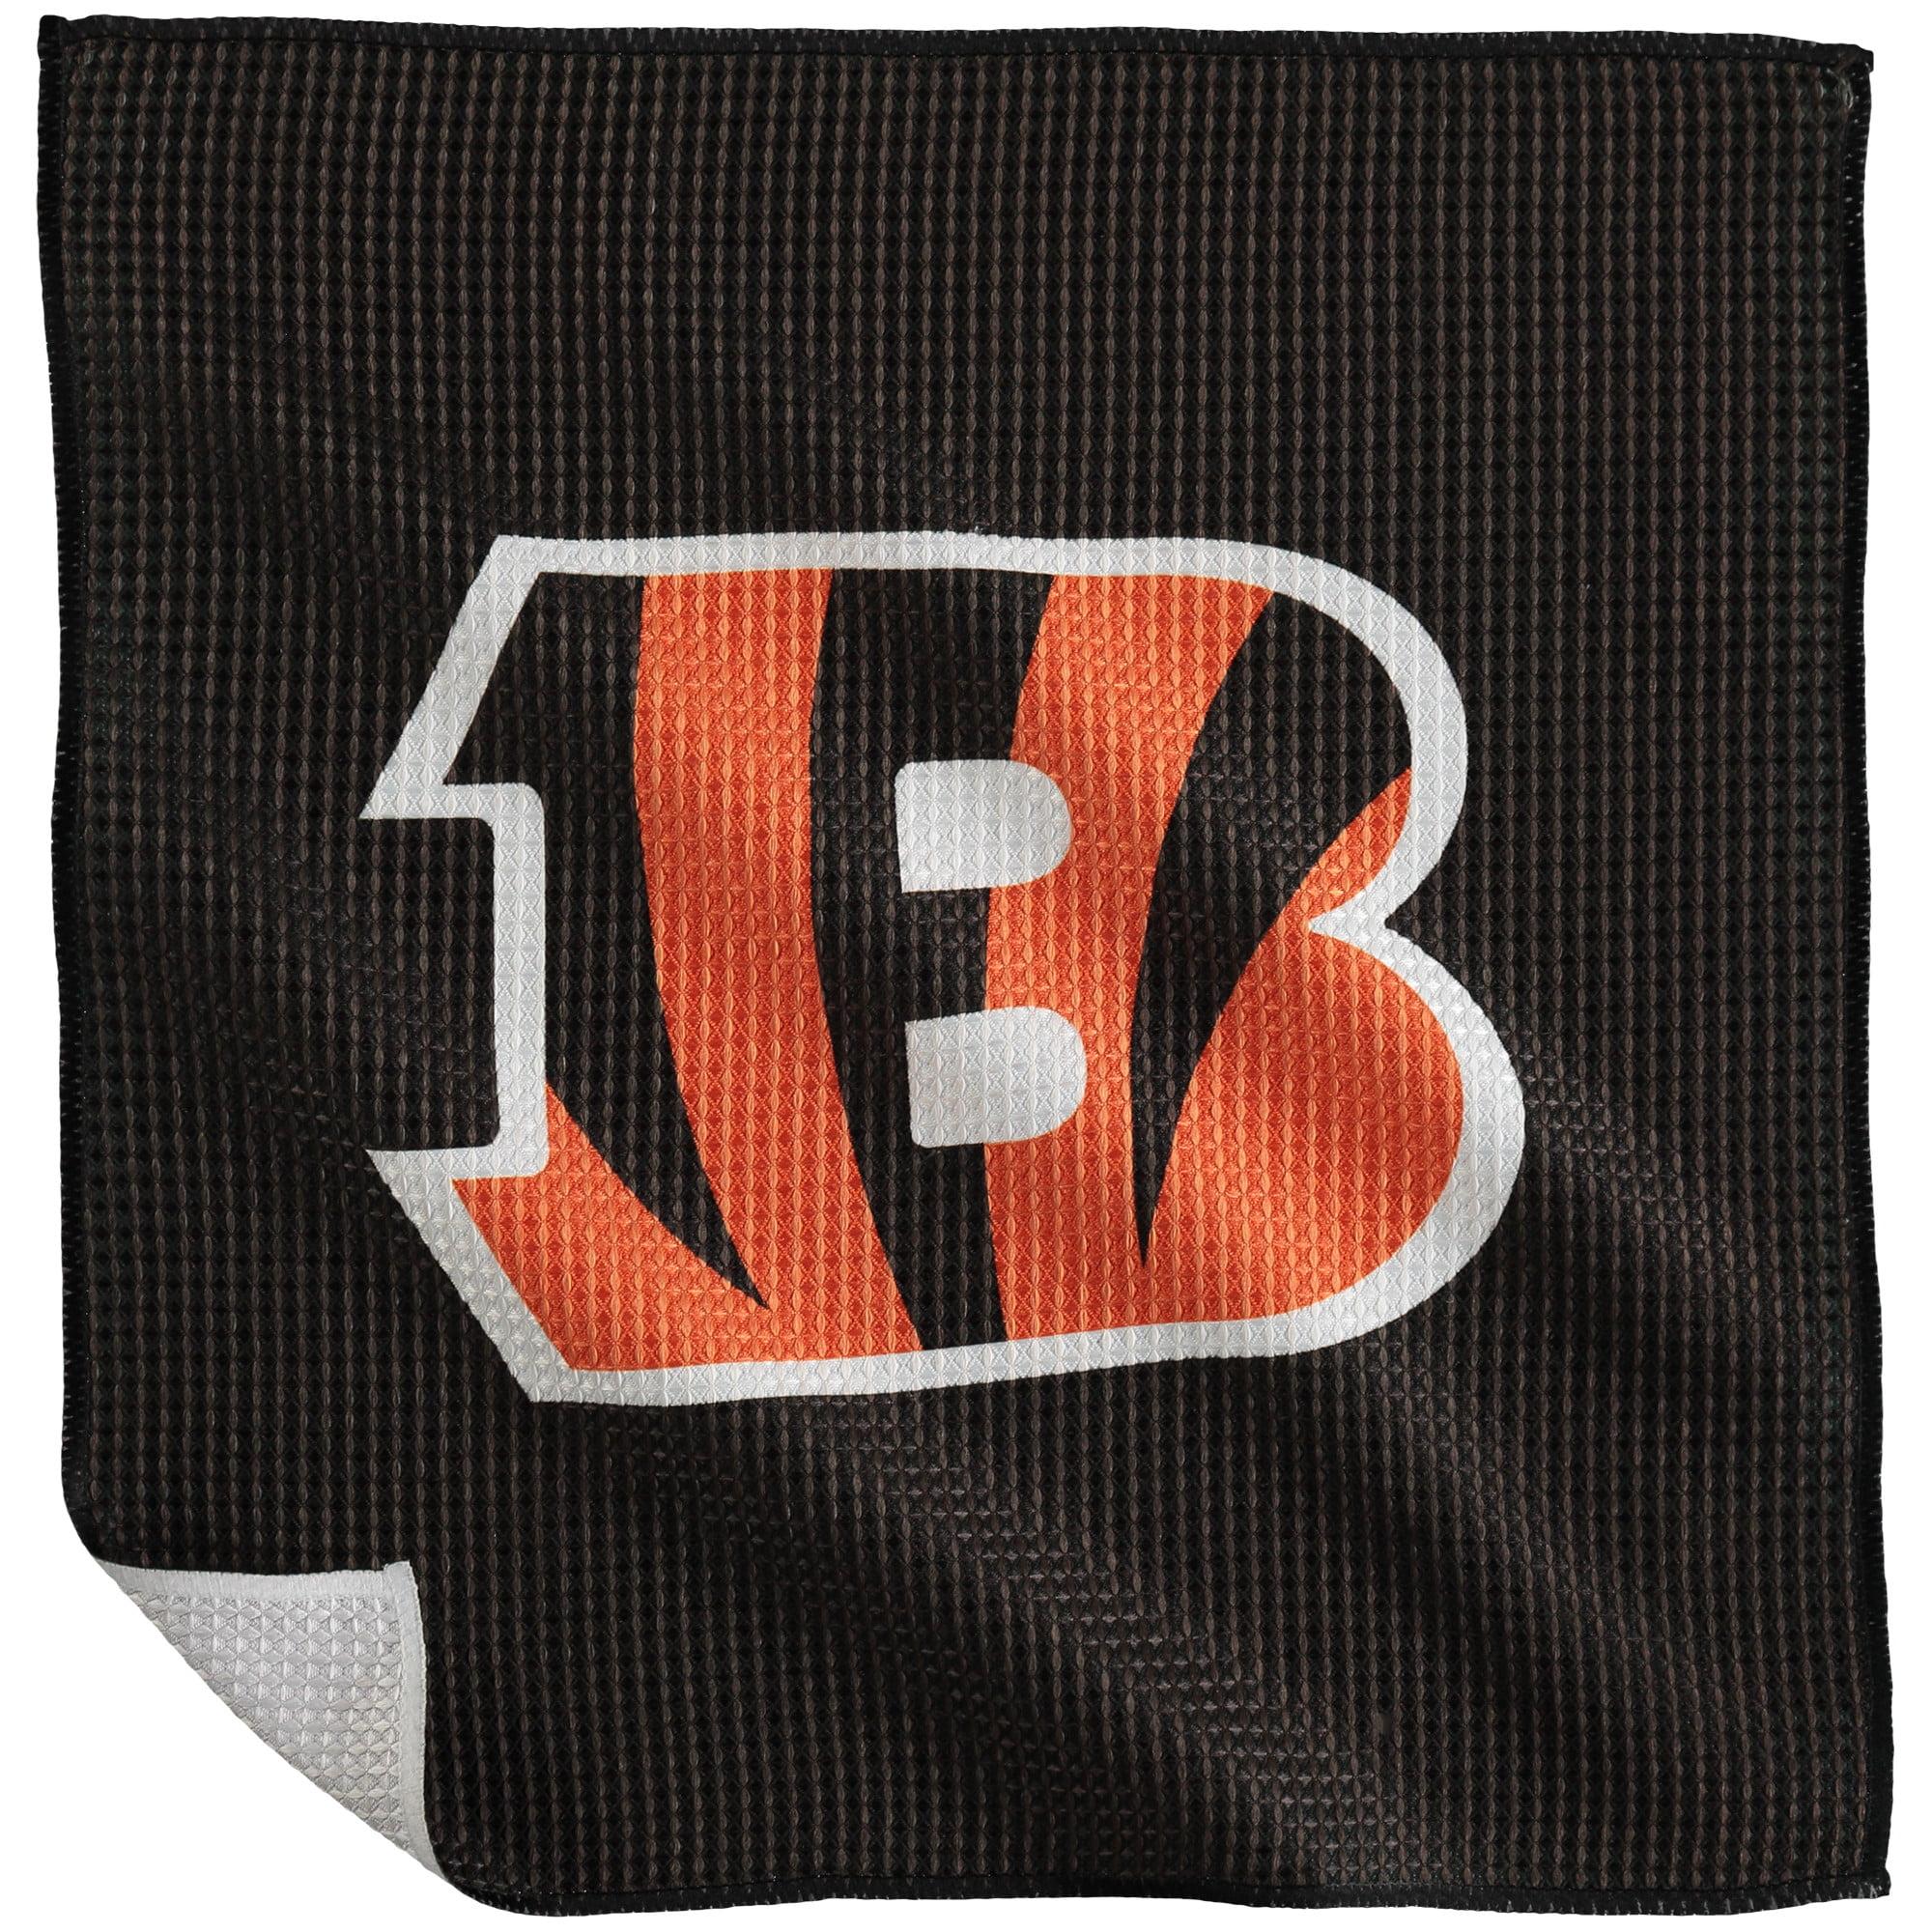 """Cincinnati Bengals 16"""" x 16"""" Microfiber Towel - No Size"""